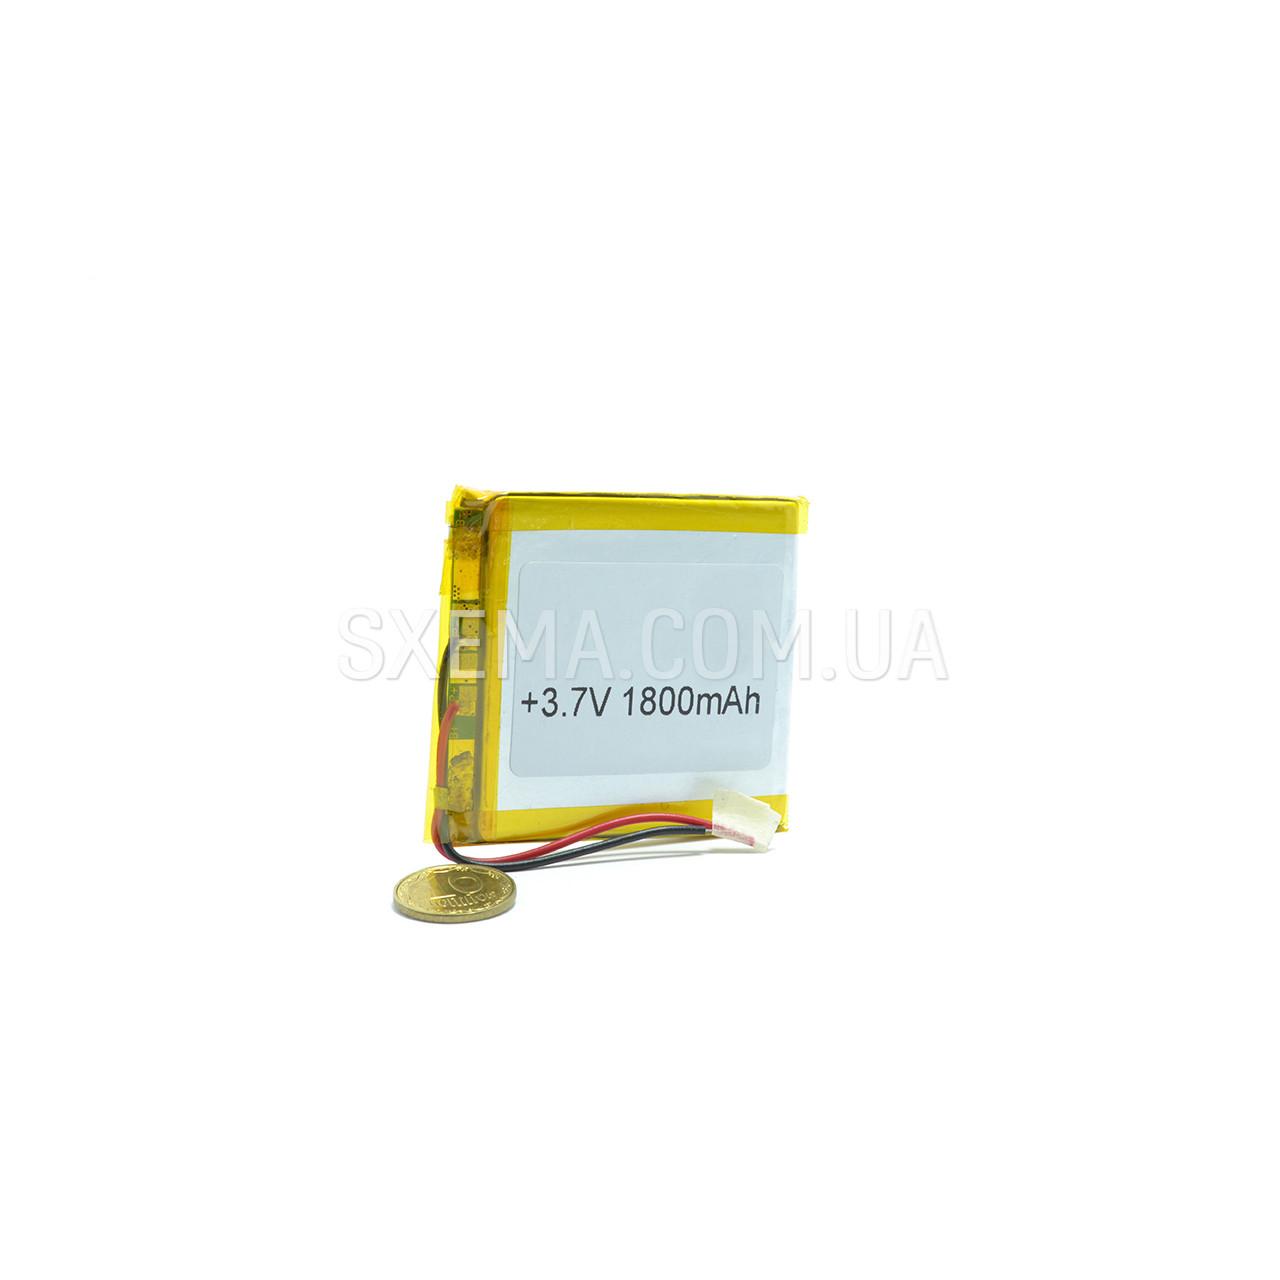 Акумулятор універсальний 044555 (Li-ion 3.7 В 1800мА·год), (55*45*4 мм)